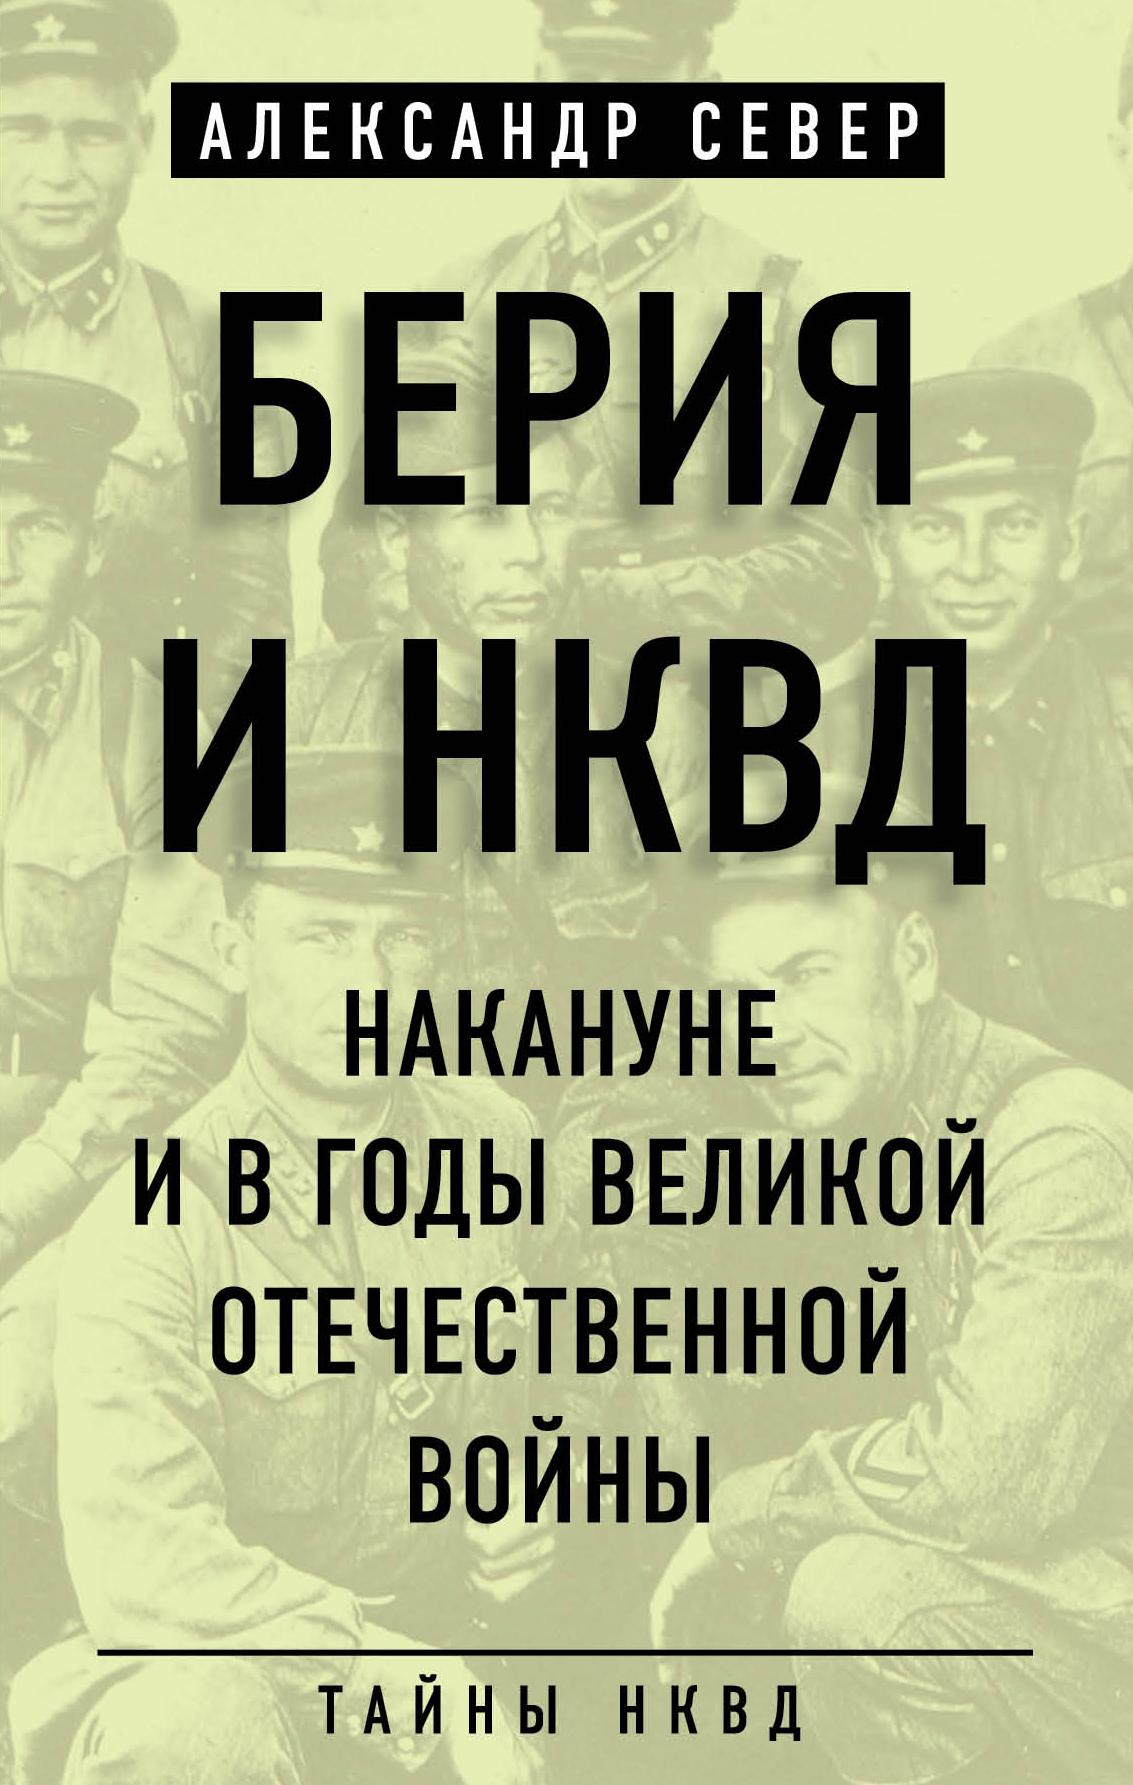 Александр Север - Берия и НКВД накануне и в годы Великой Отечественной войны